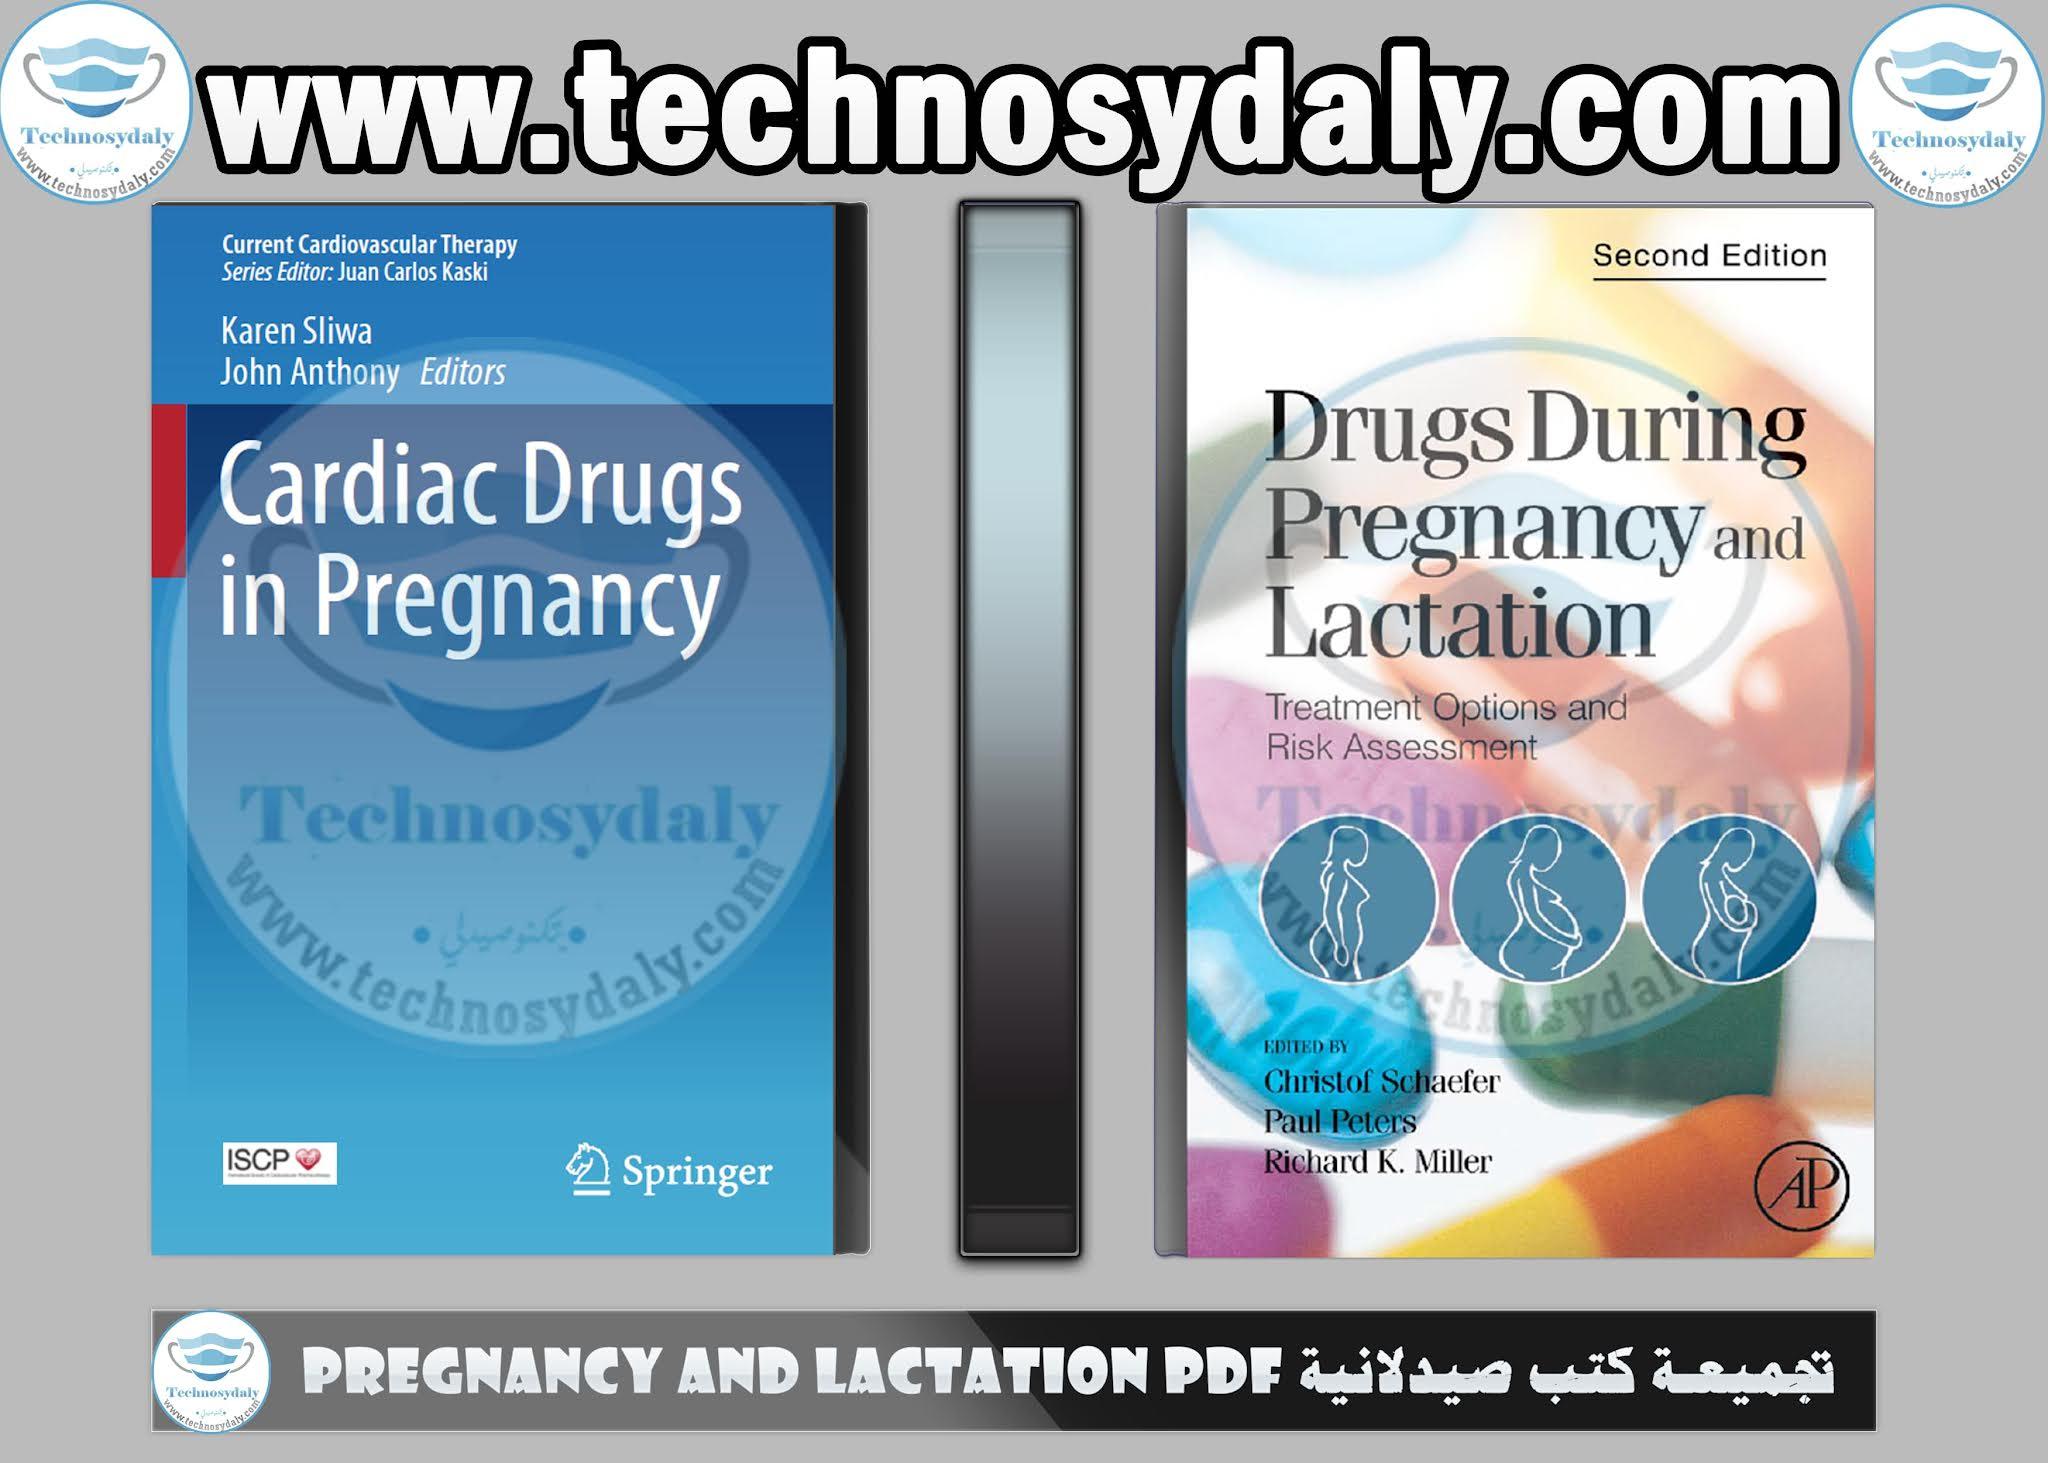 تجميعة كتب صيدلانية pregnancy and lactation pdf